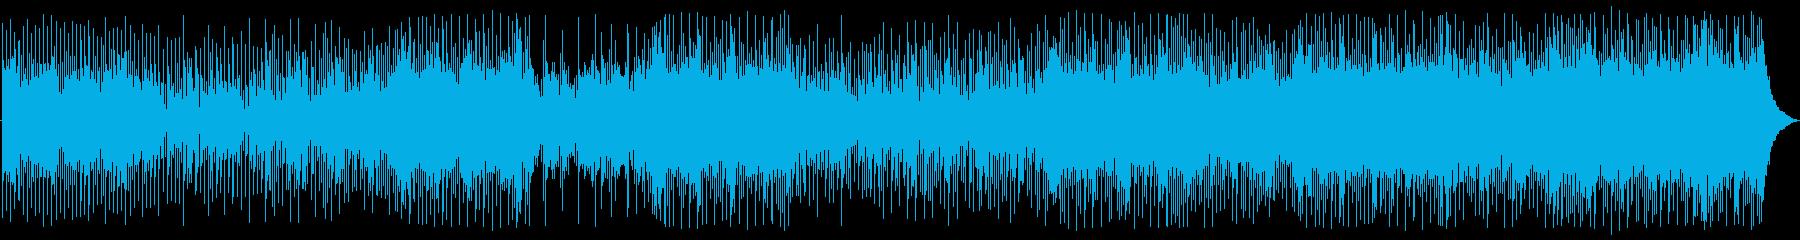 ギラー、ドブロ、マンドリン、ピアノ...の再生済みの波形